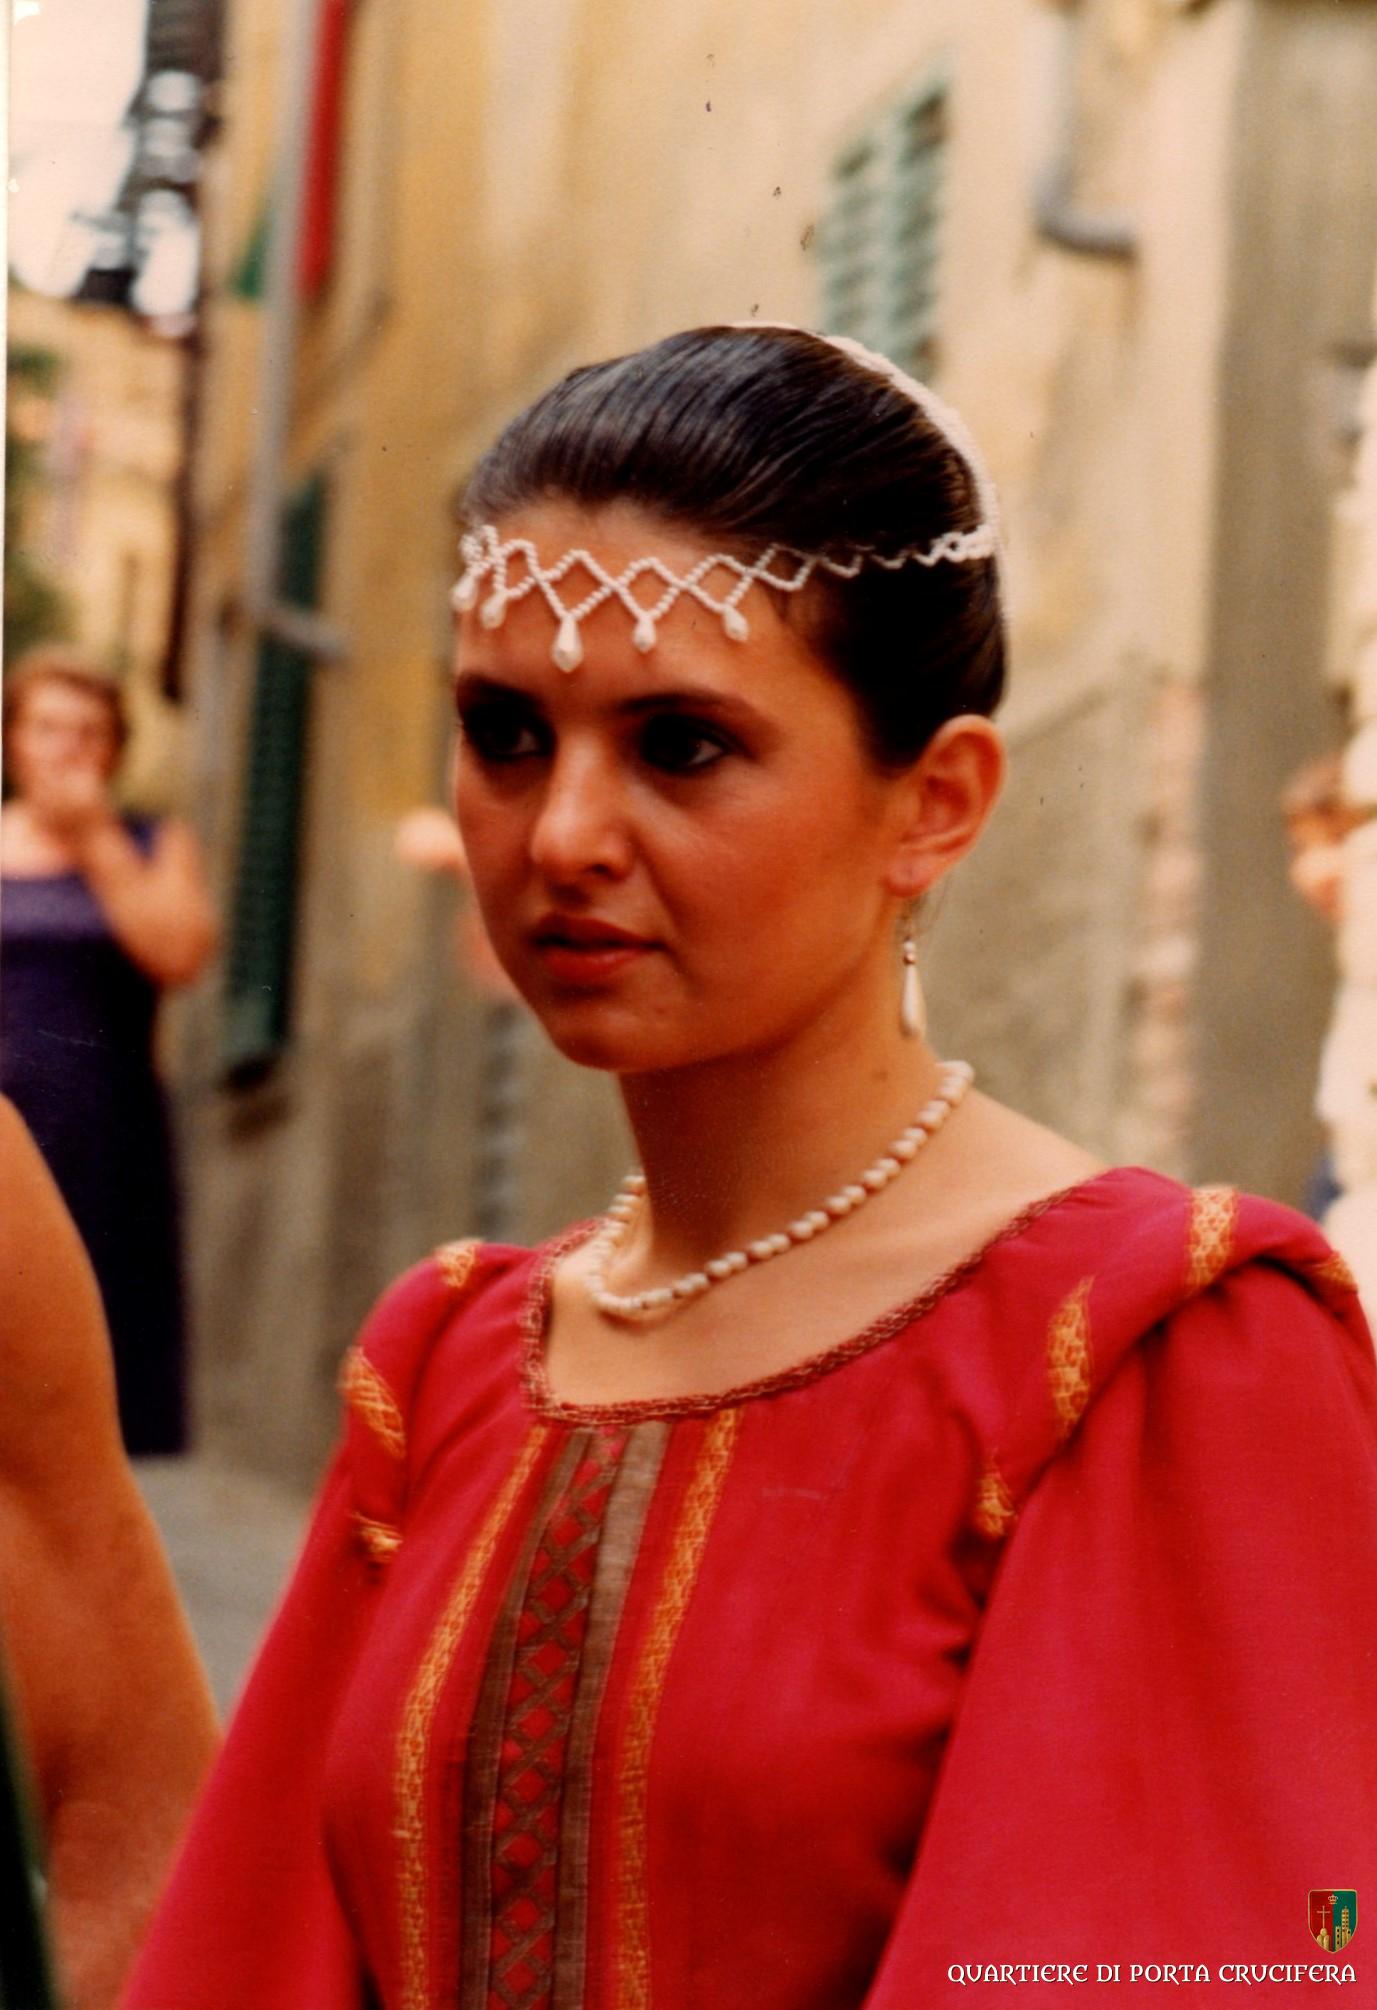 50 - Marinella Mazzi